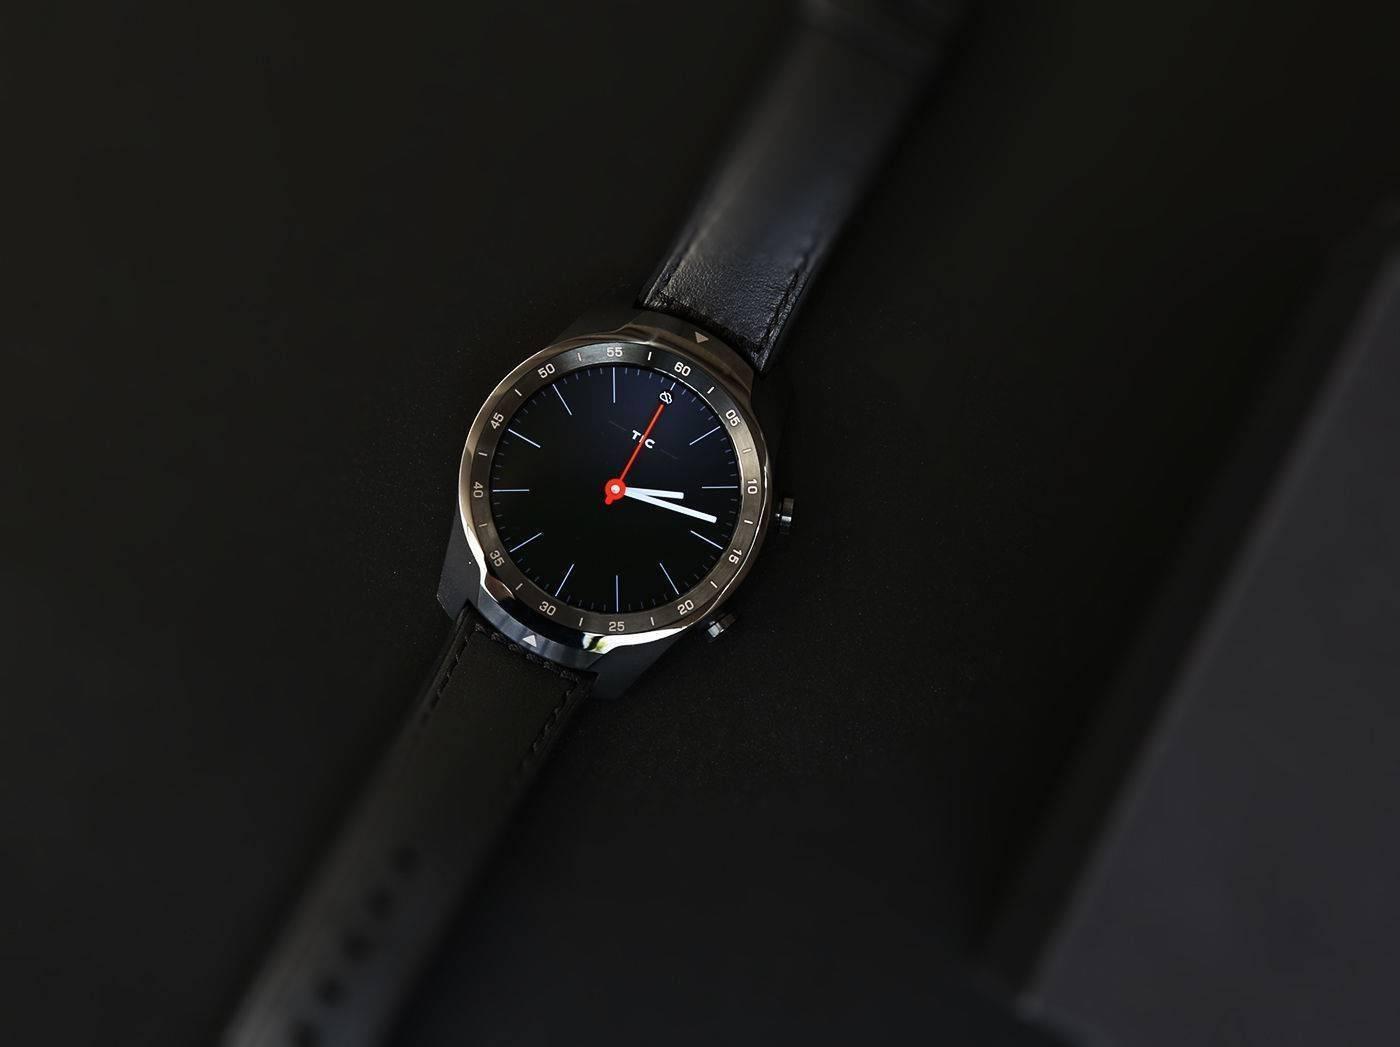 专访李志飞:越用越强大的智能手表,如何解锁每一个人的未来生活?